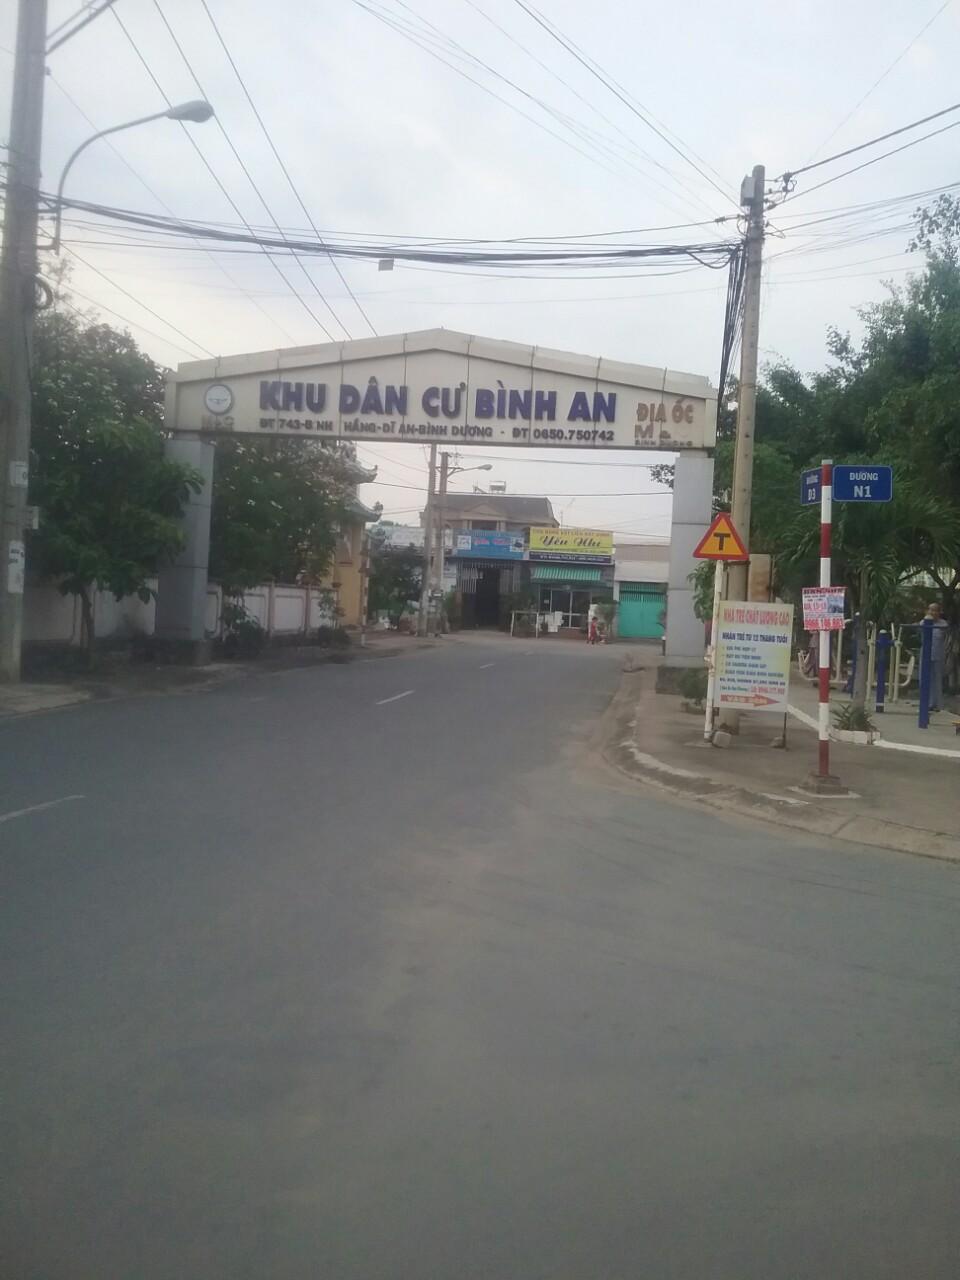 Lắp mạng wifi viettel tại KDC Bình An, Dĩ An Bình Dương